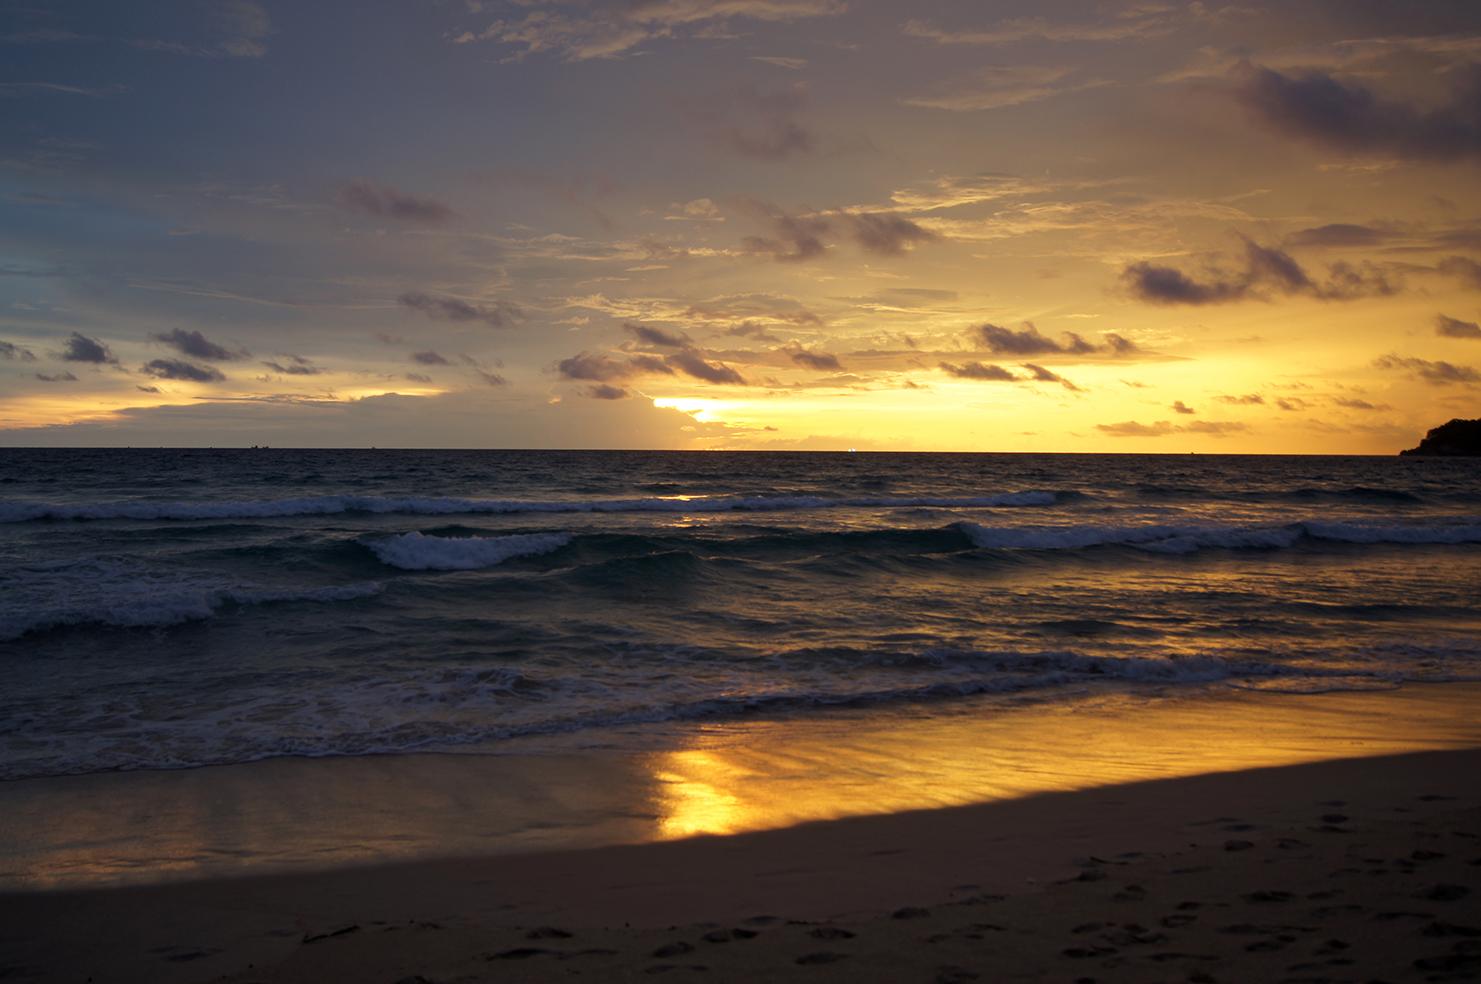 Himmelsspiegel Sand